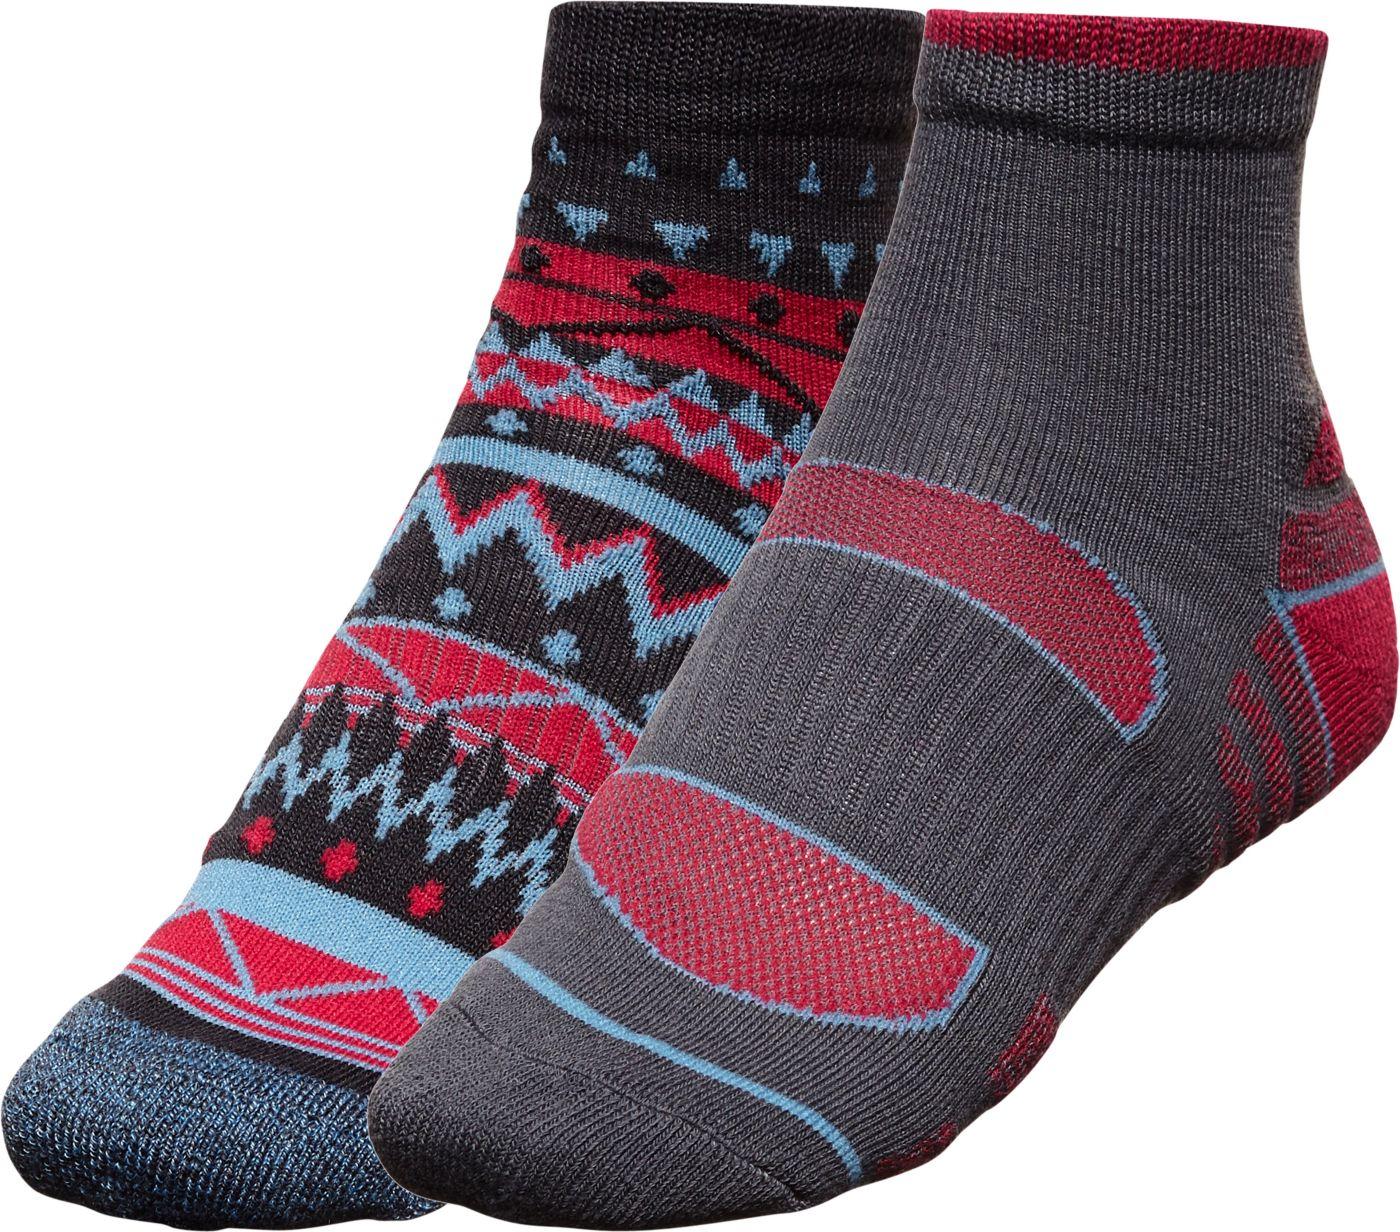 Alpine Design Women's Explorer Quarter Socks – 2 Pack